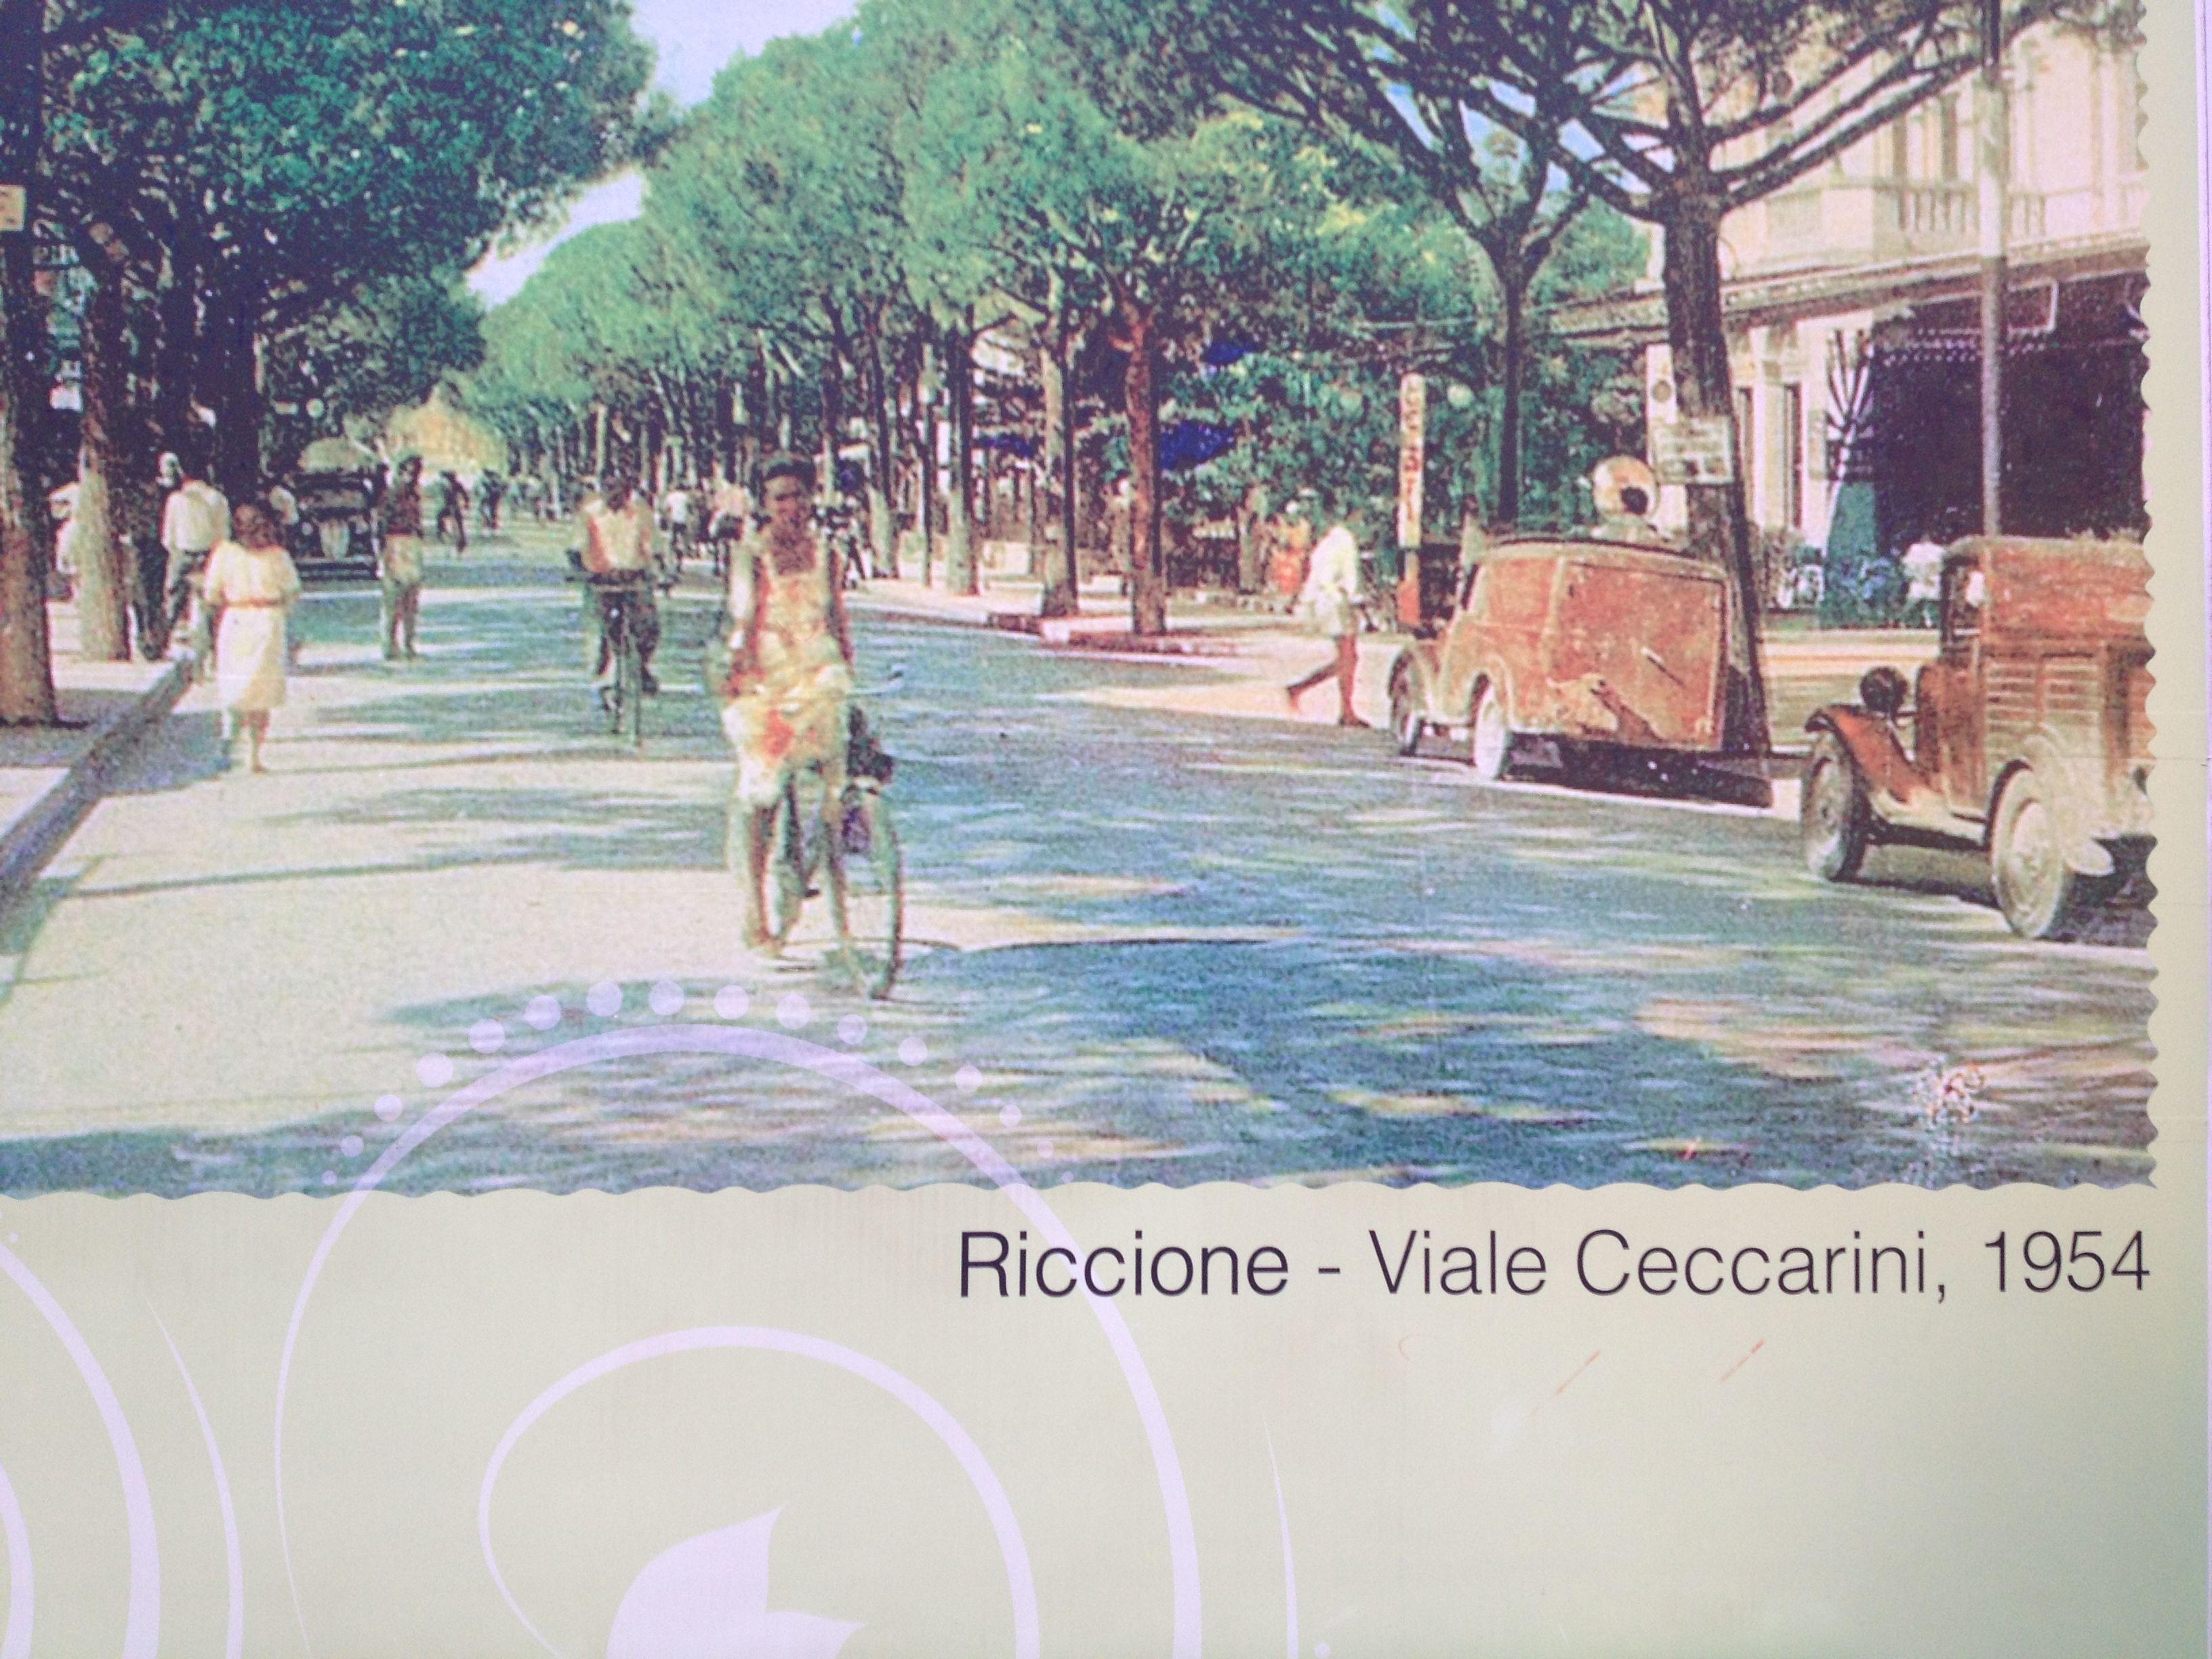 A Riccione La Mitica Via Ceccarini Inizi Anni 50 Anni 50